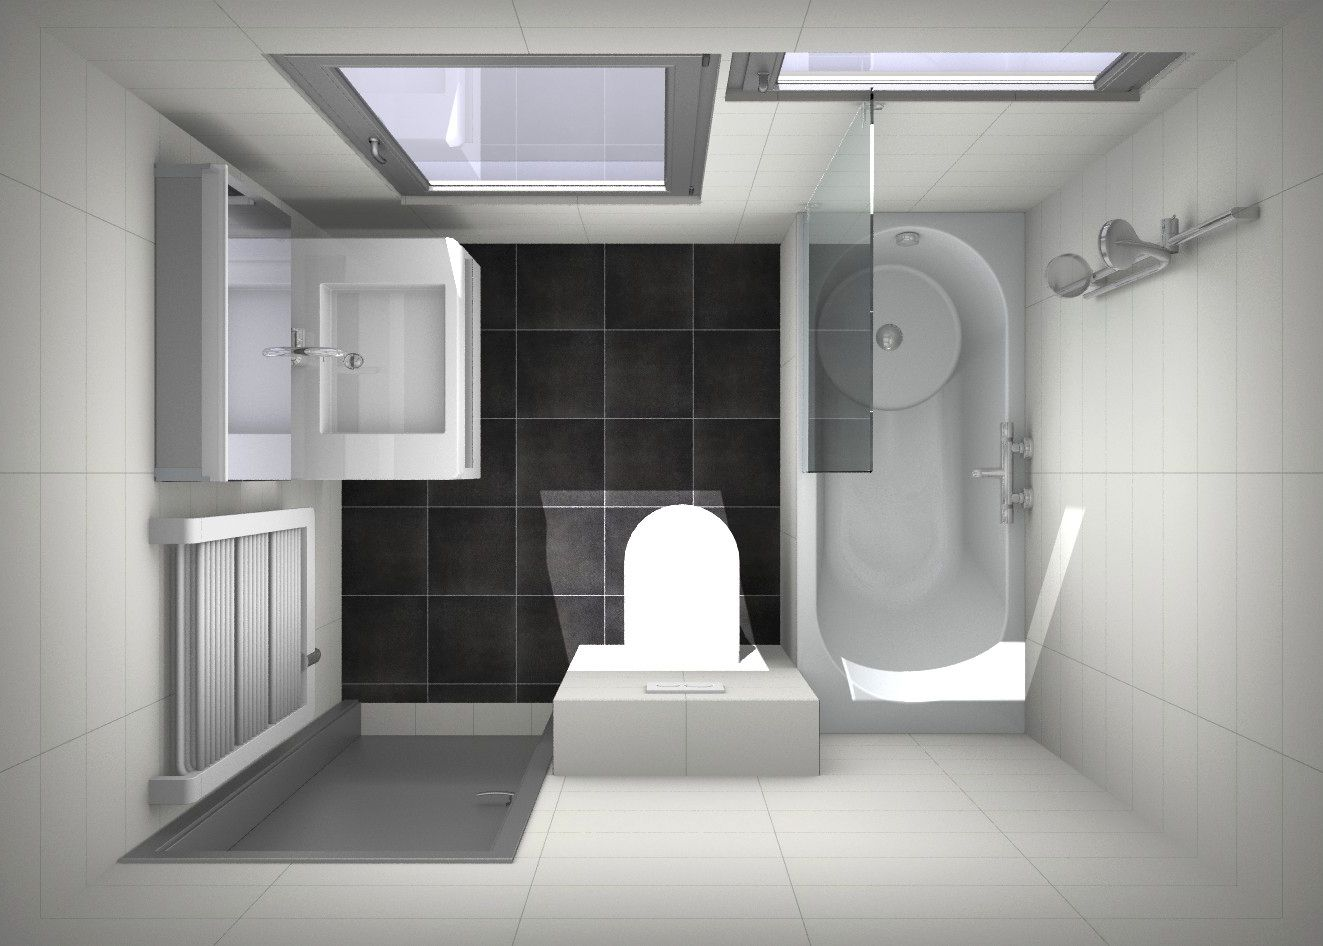 Voorbeeld ontwerp douchen in bad, kleine #badkamer | Kleine badkamer ...